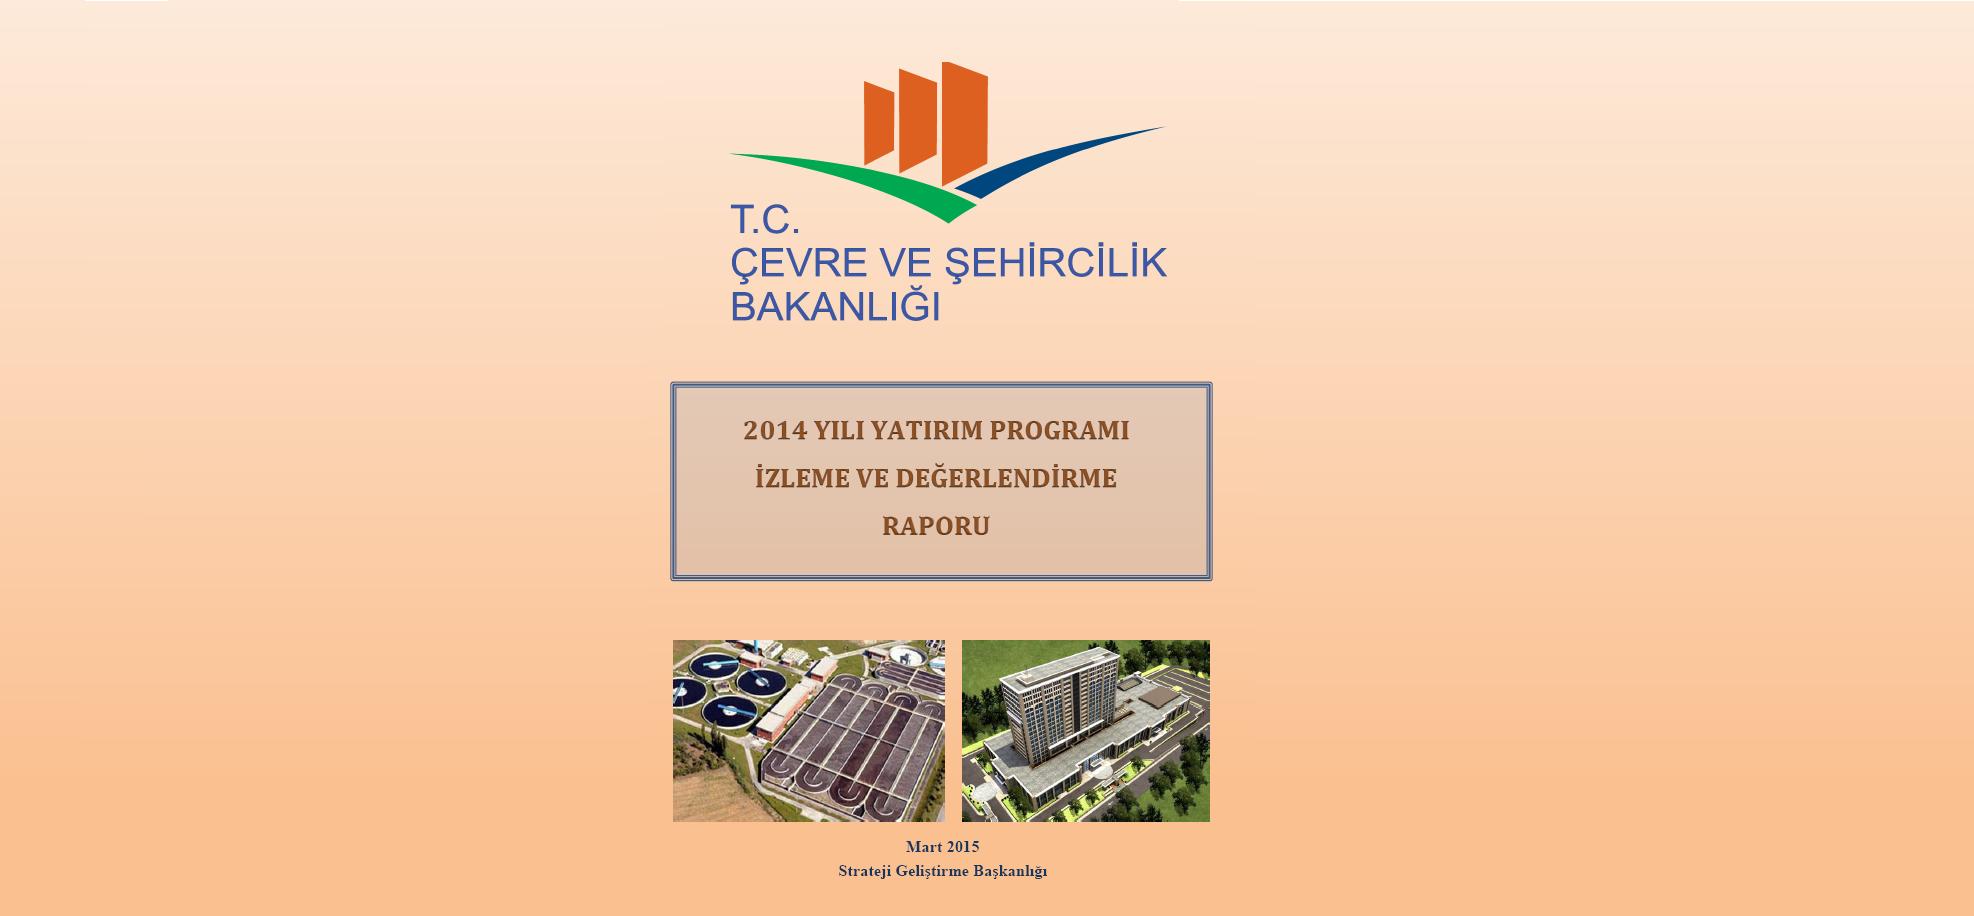 2014 Yılı Yatırım Programı İzleme ve Değerlendirme Raporu